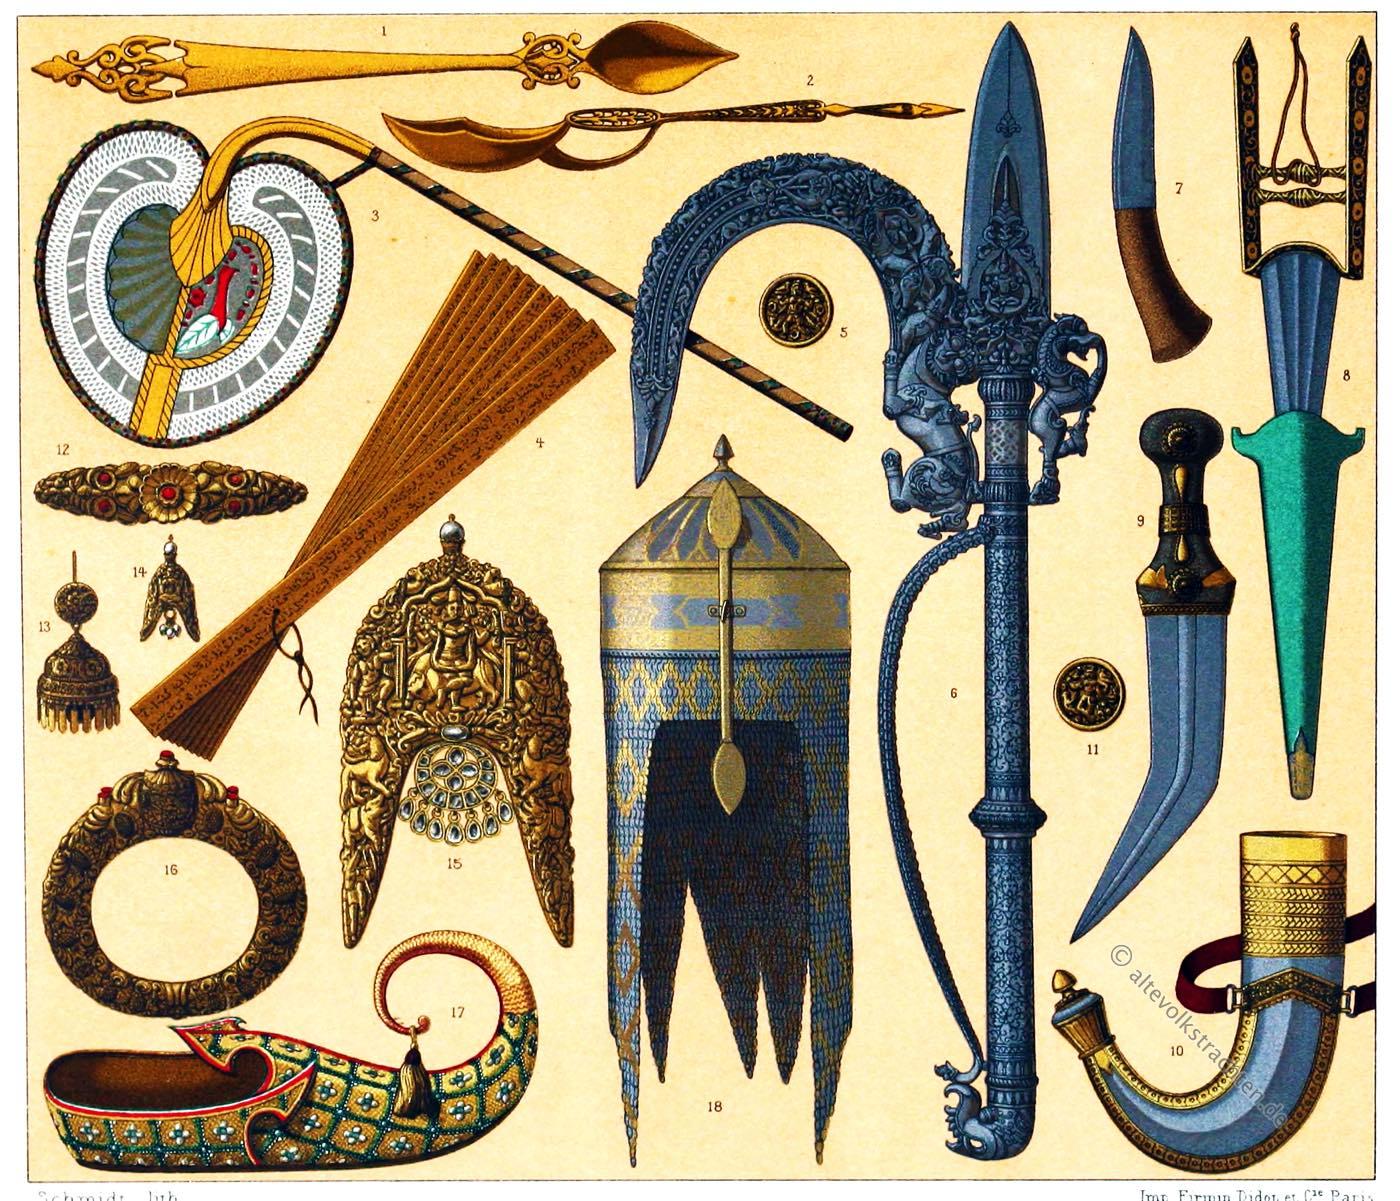 Kunsthandwerk, Indien, Waffen, Schmuck, Broschen, Ohrringe, Auguste Racinet,